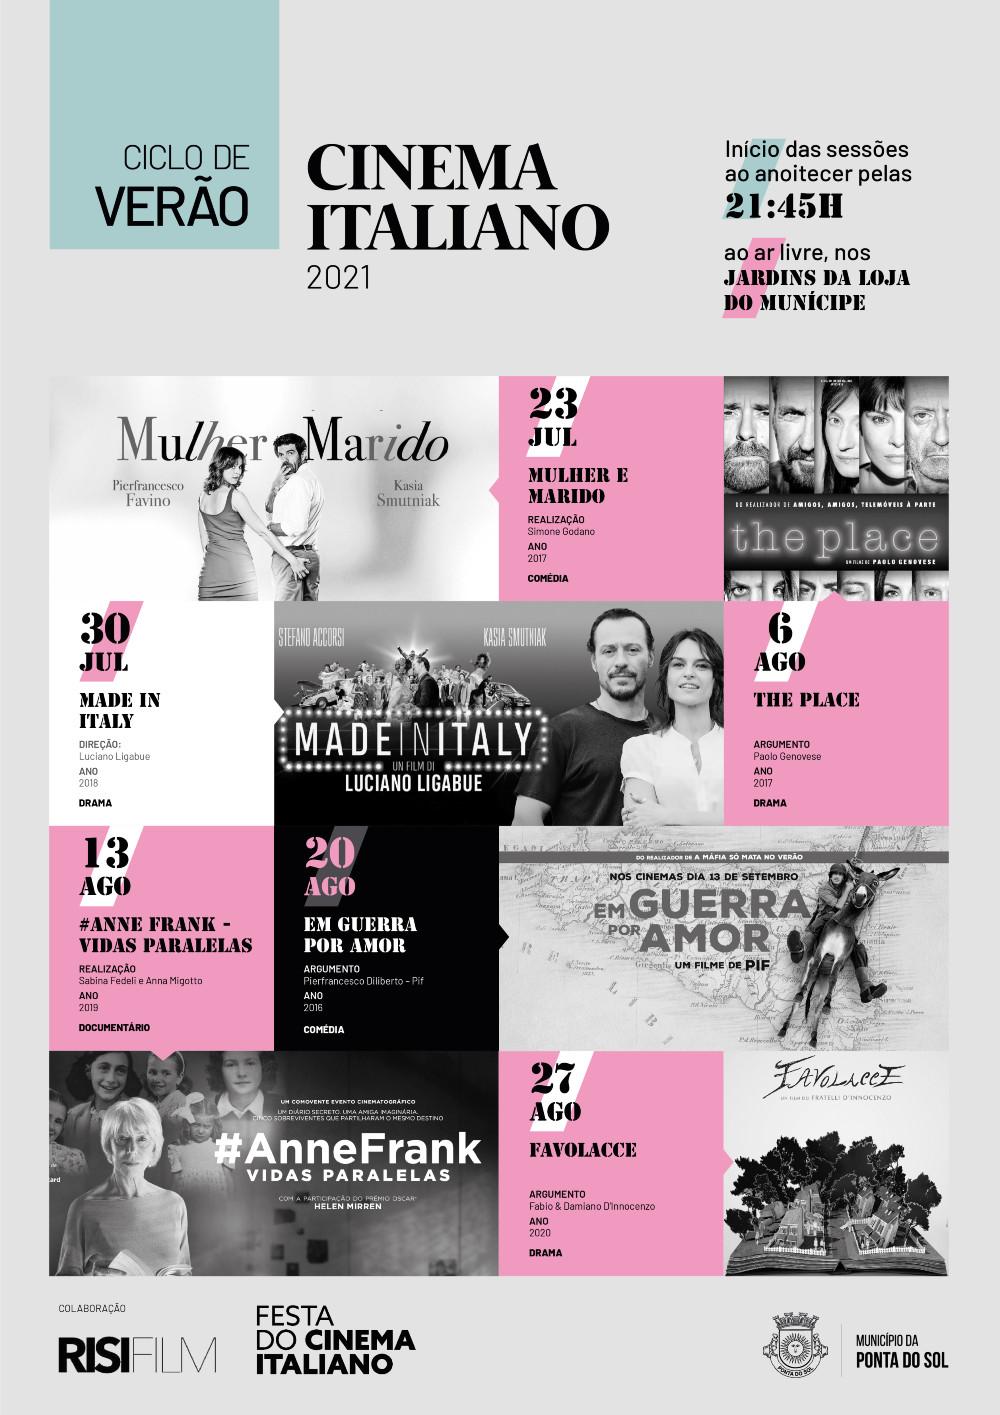 Cinema Italiano na Ponta do Sol entre os dias 23 de julho e 27 de agosto